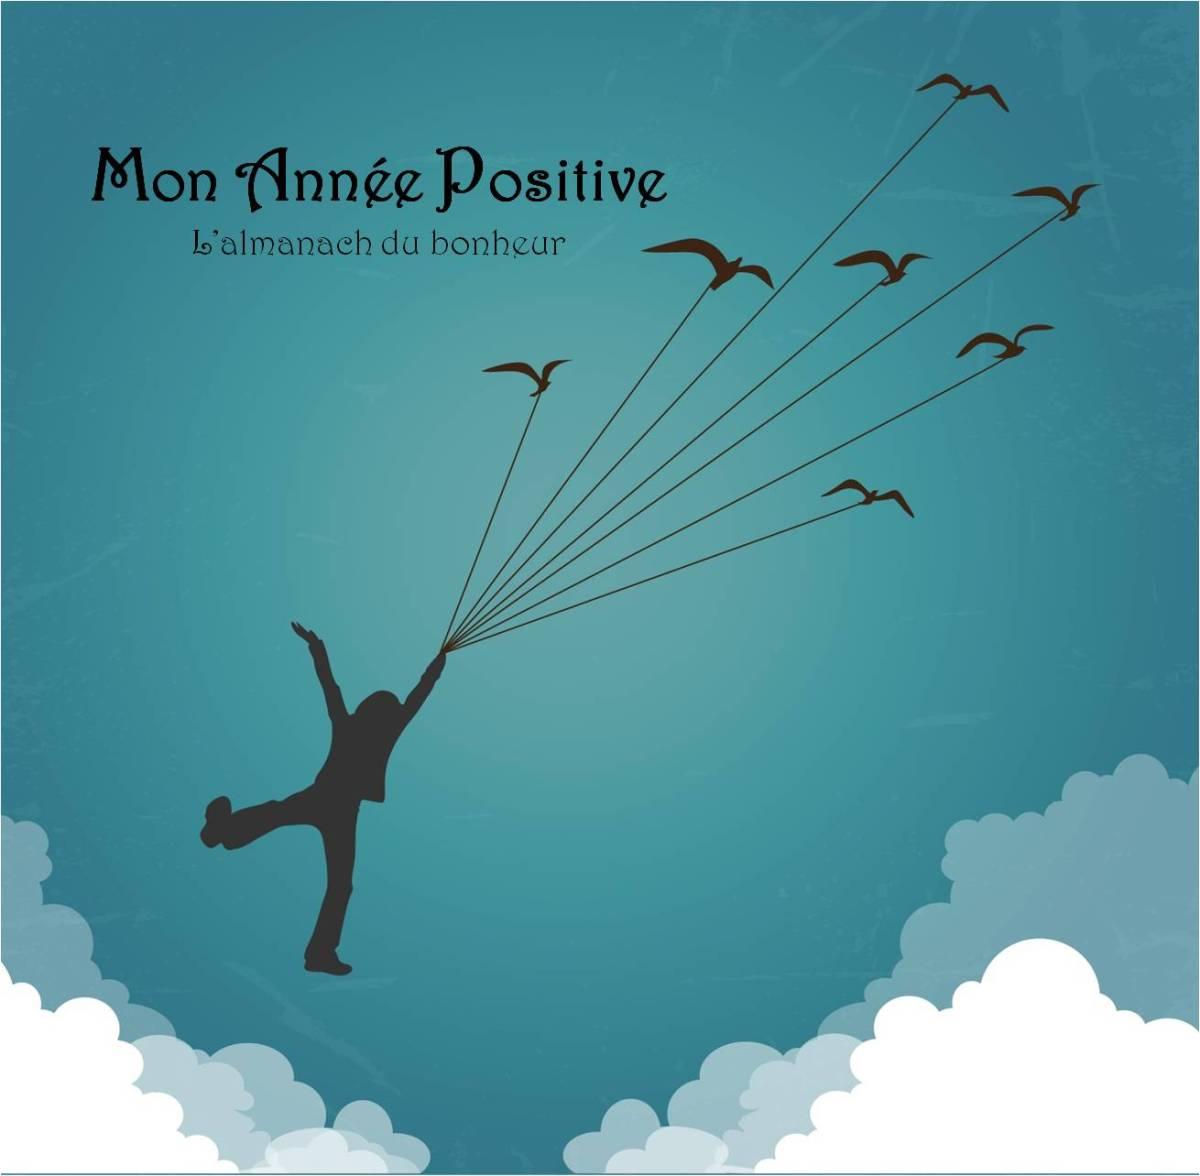 Un livre pour accompagner l'esprit positif des enfants tout au long de l'année